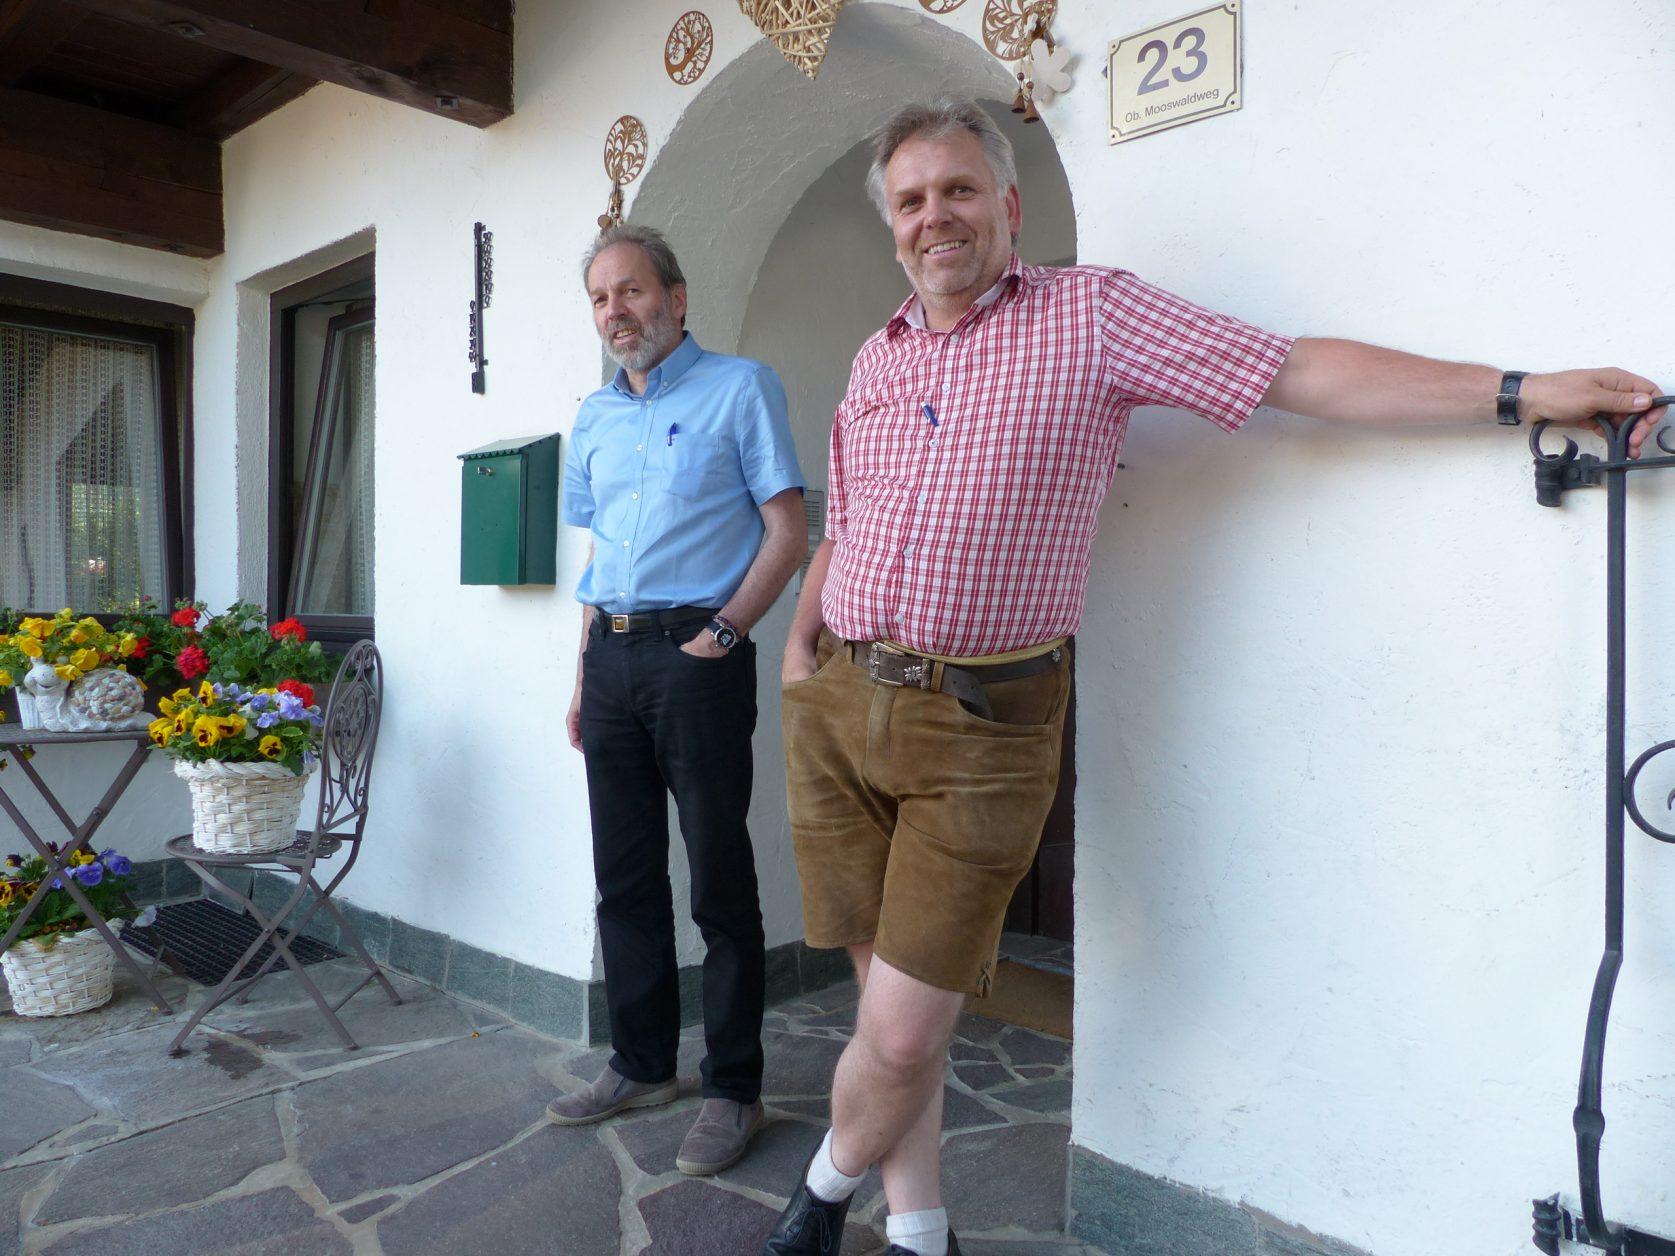 Die Brüder Peter und Franz Stierschneider am Eingang zum Landhaus. Forto: D.Weirauch